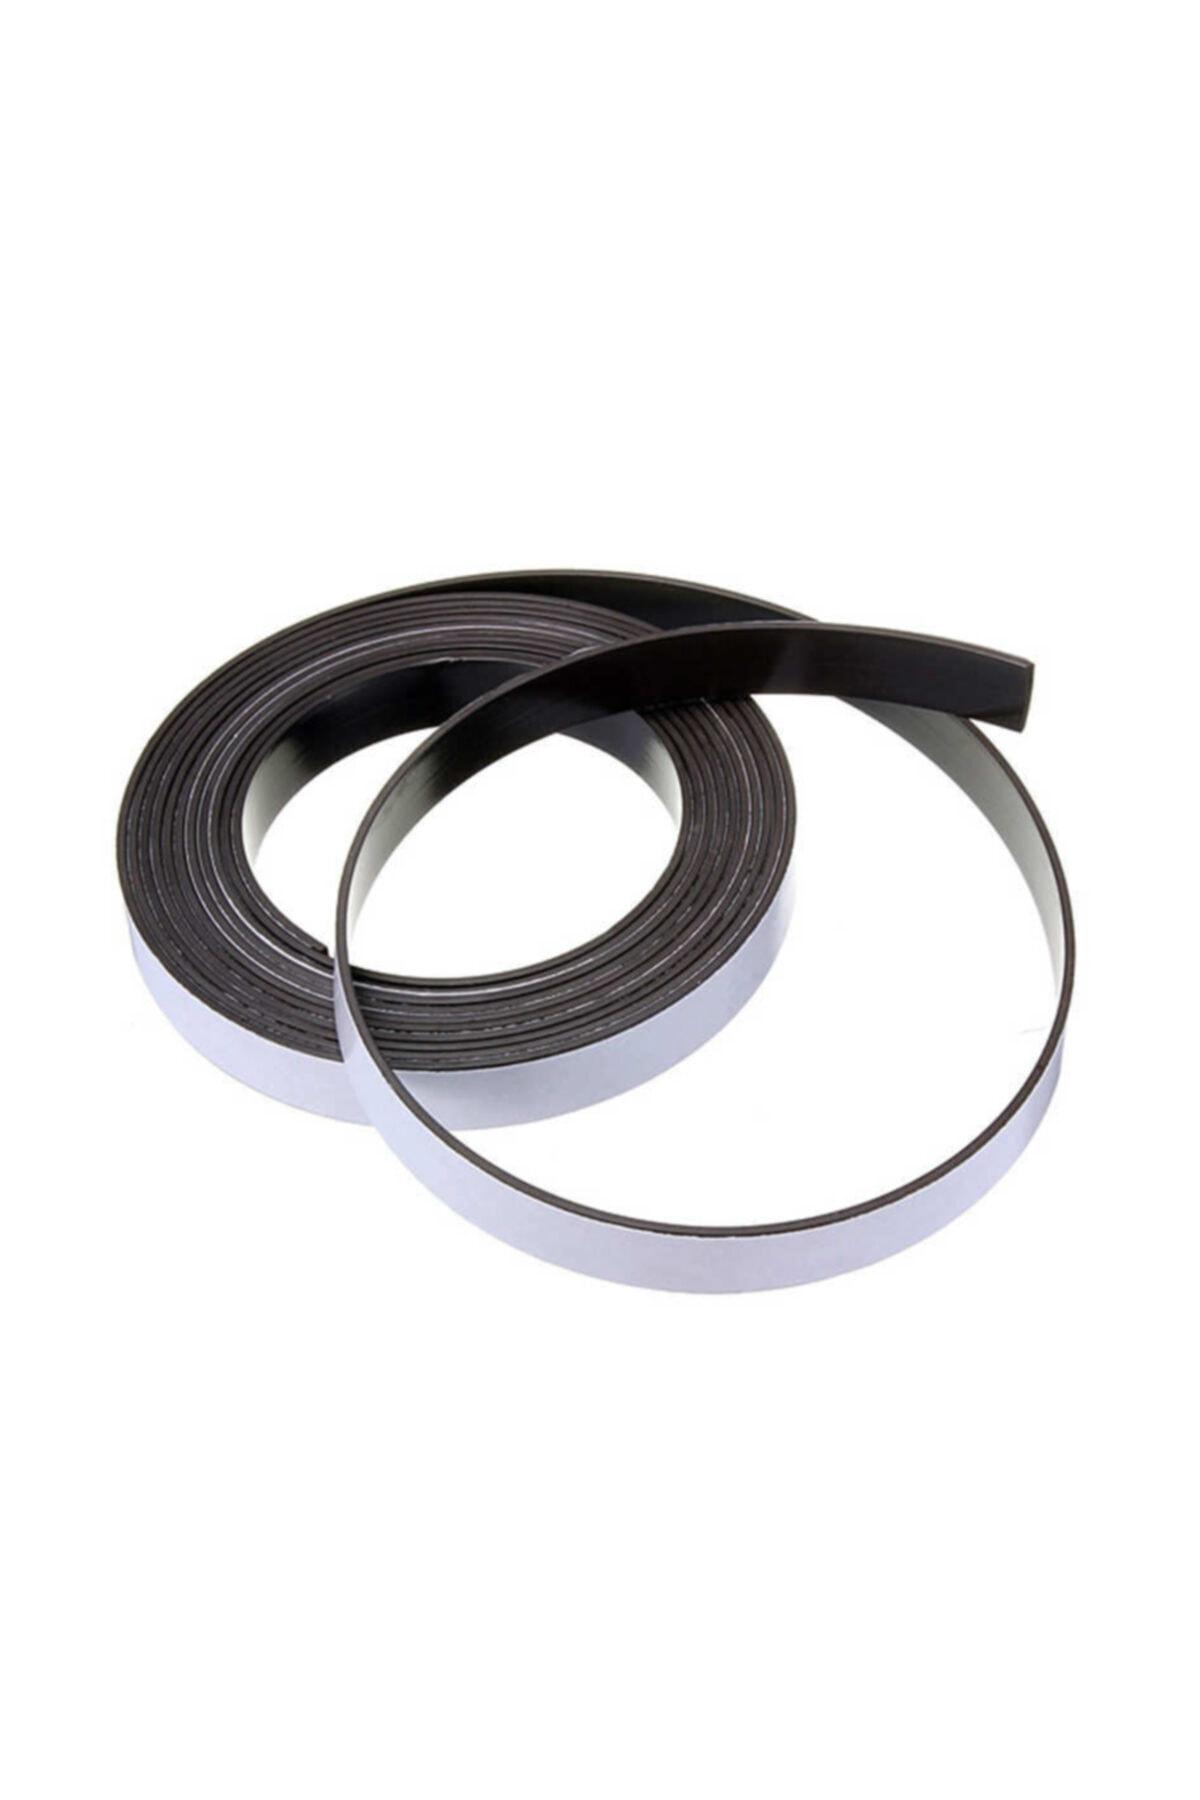 Dünya Magnet 1 Metre Şerit Magnet Mıknatıs - Arkası Yapışkanlı Çıkartmalı 2